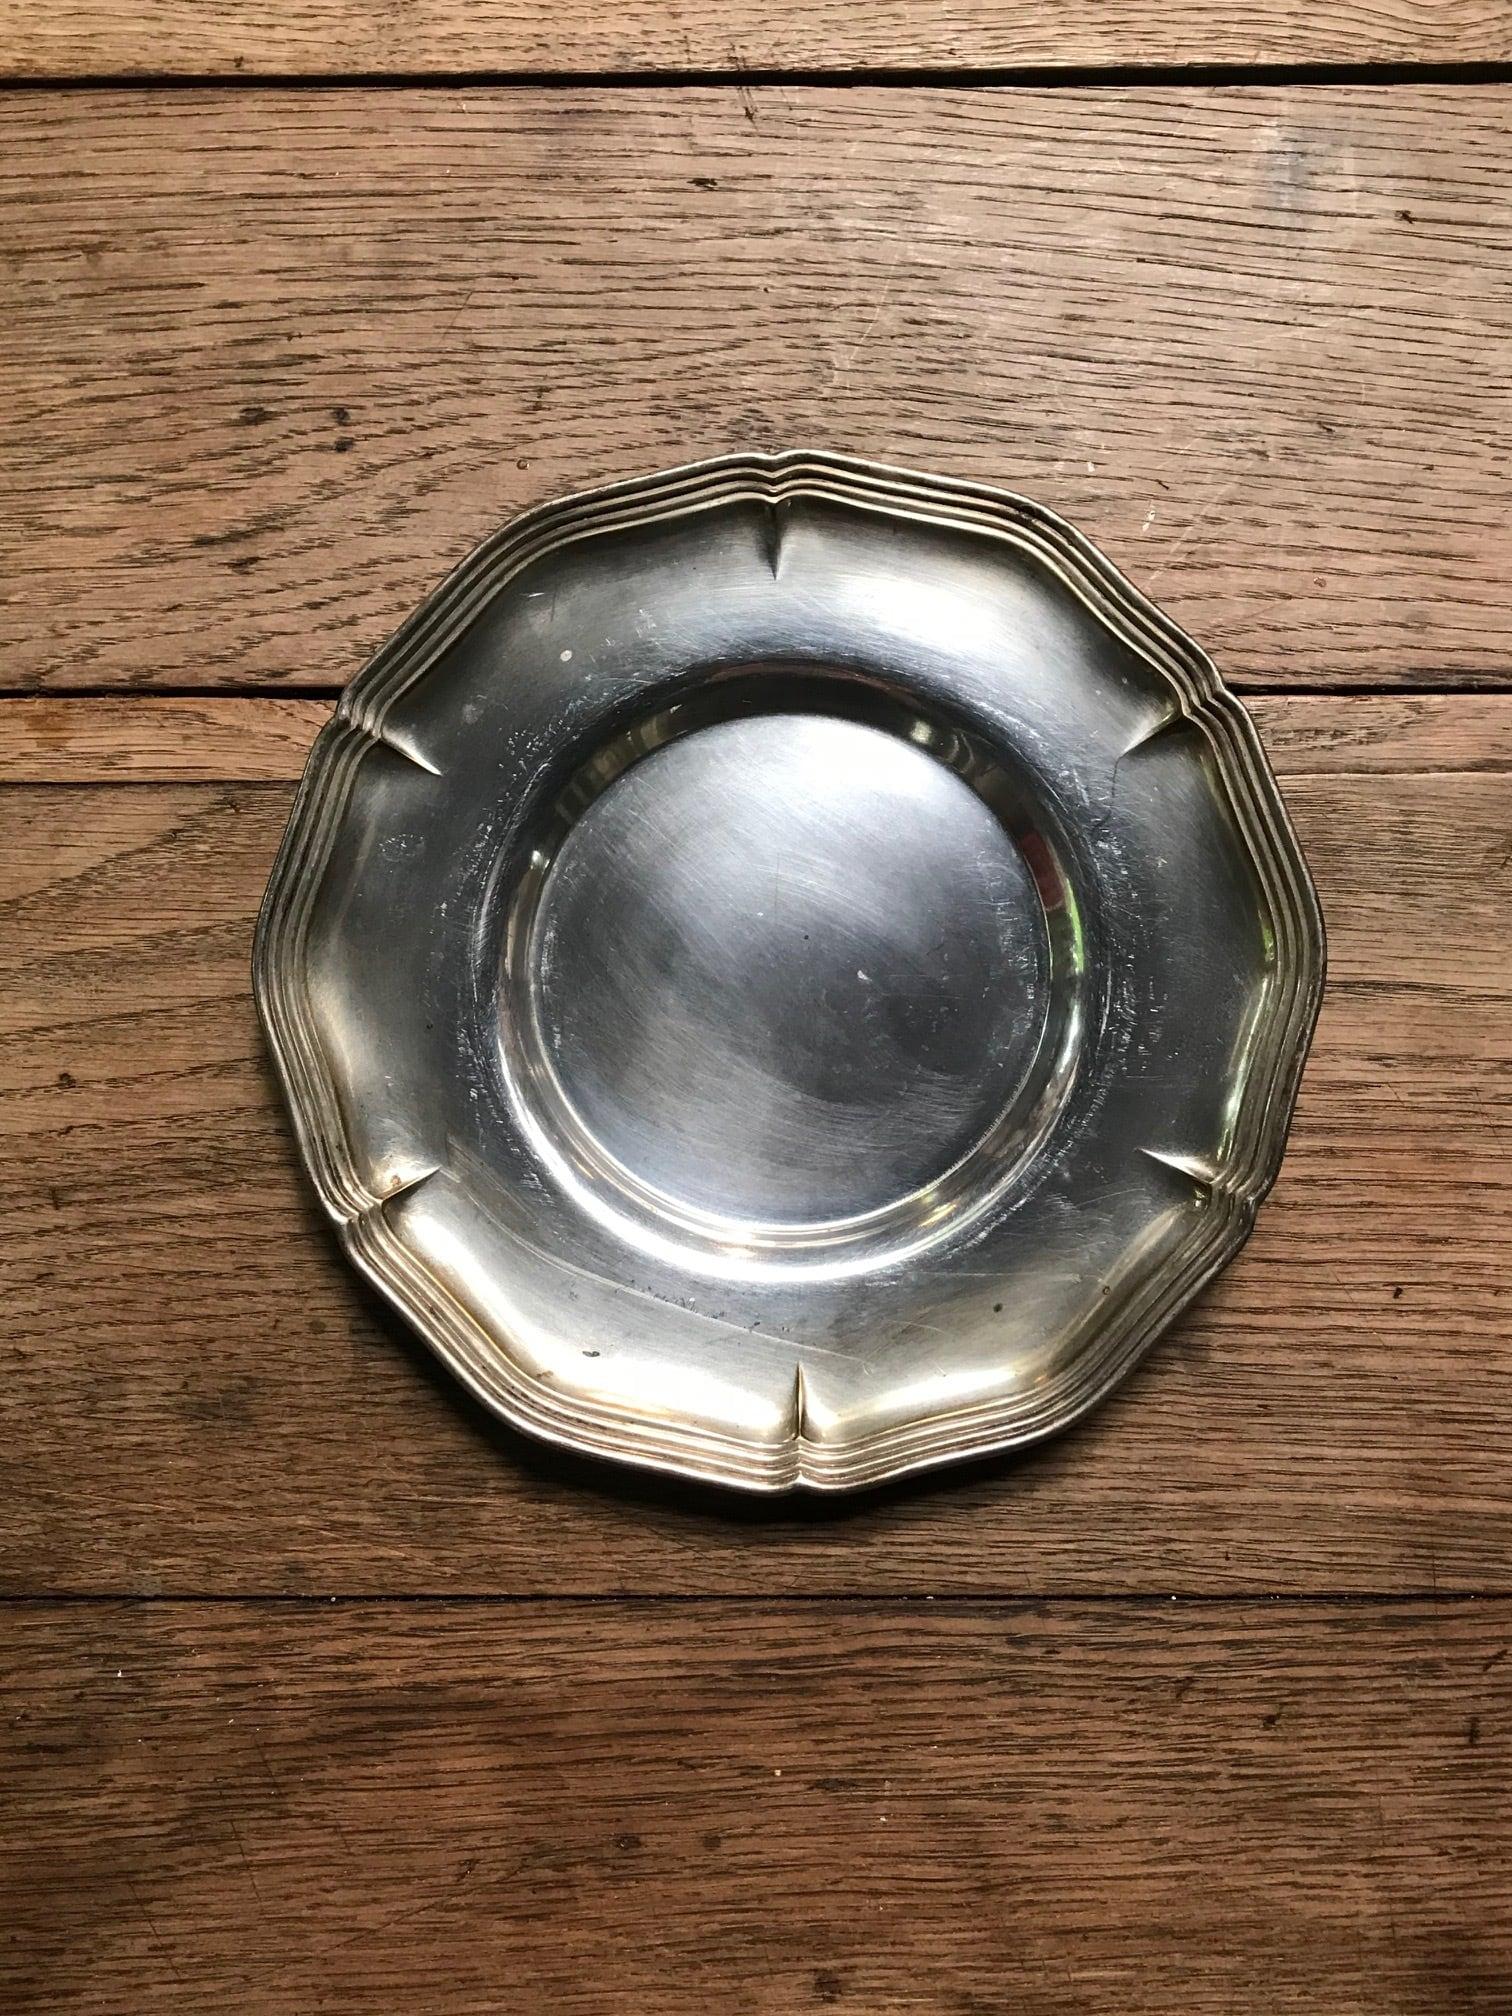 ヨーロッパ ビンテージ 花リム皿 シルバートレー(M)